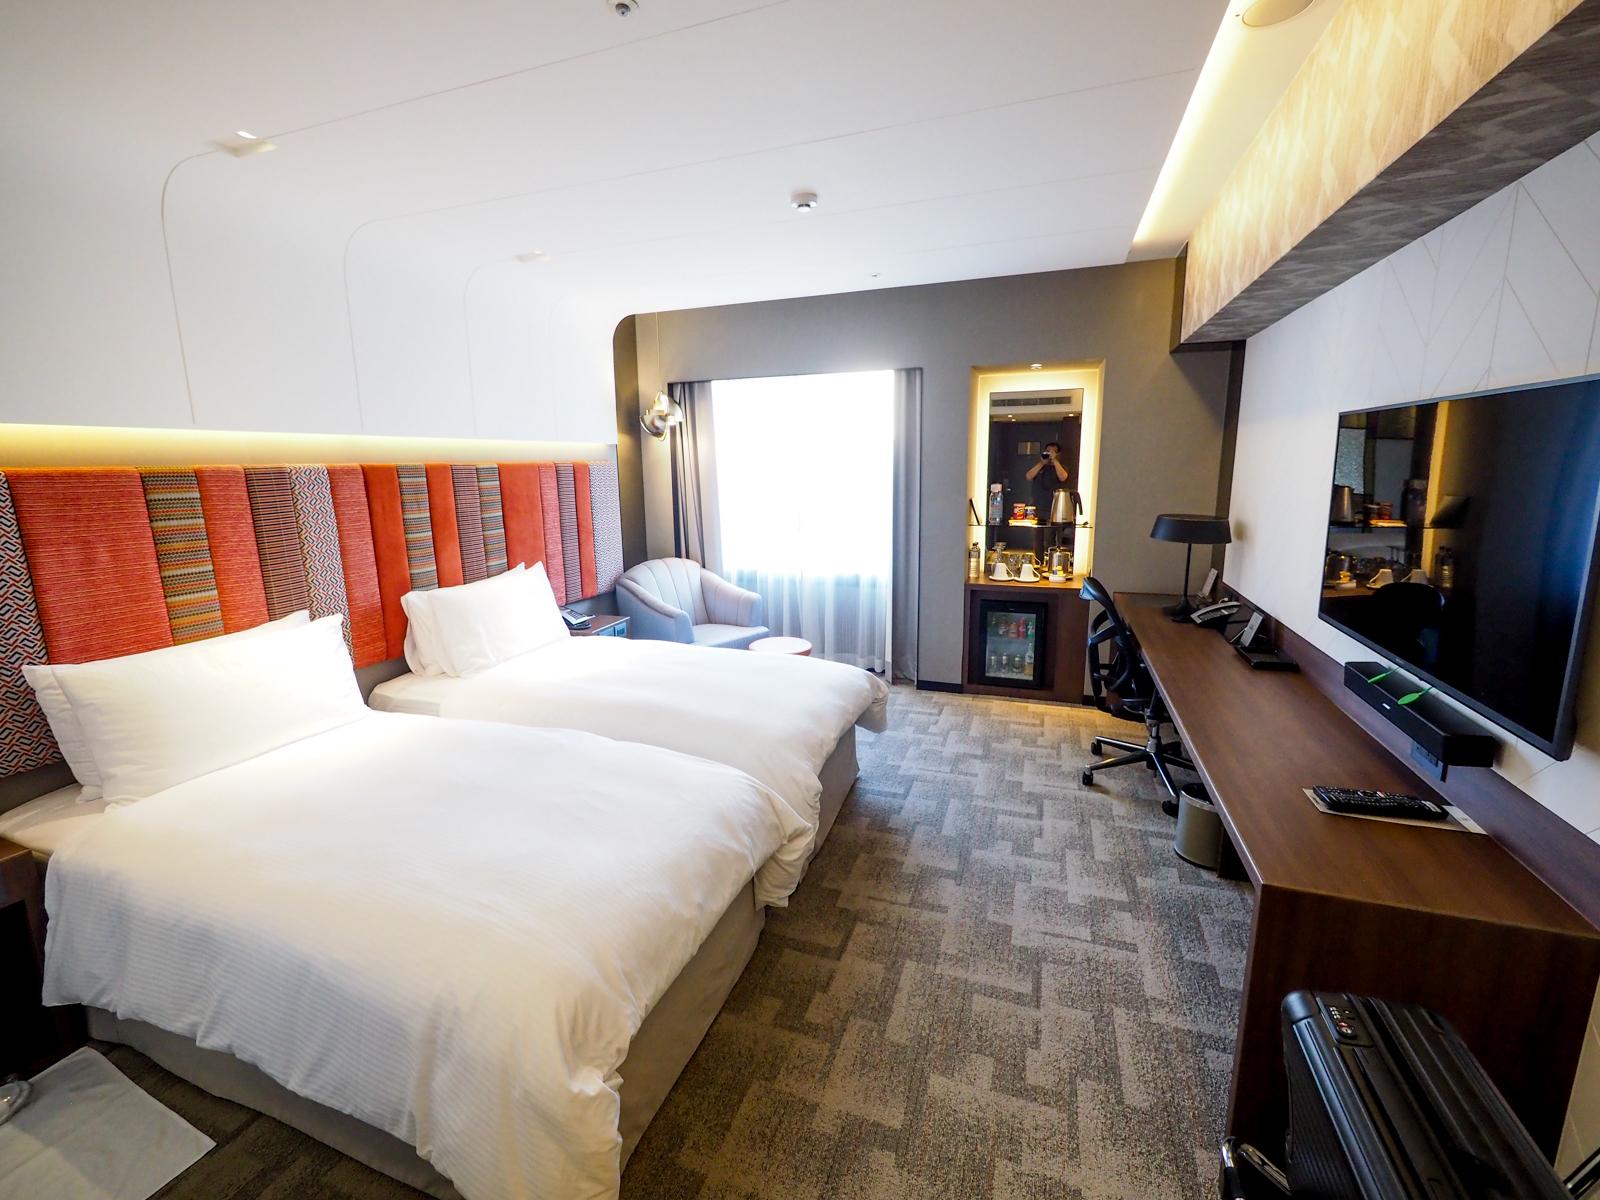 台北亞都麗緻大飯店住宿體驗 現代化卓越客房硬體設備優秀 服務人員態度值得肯定